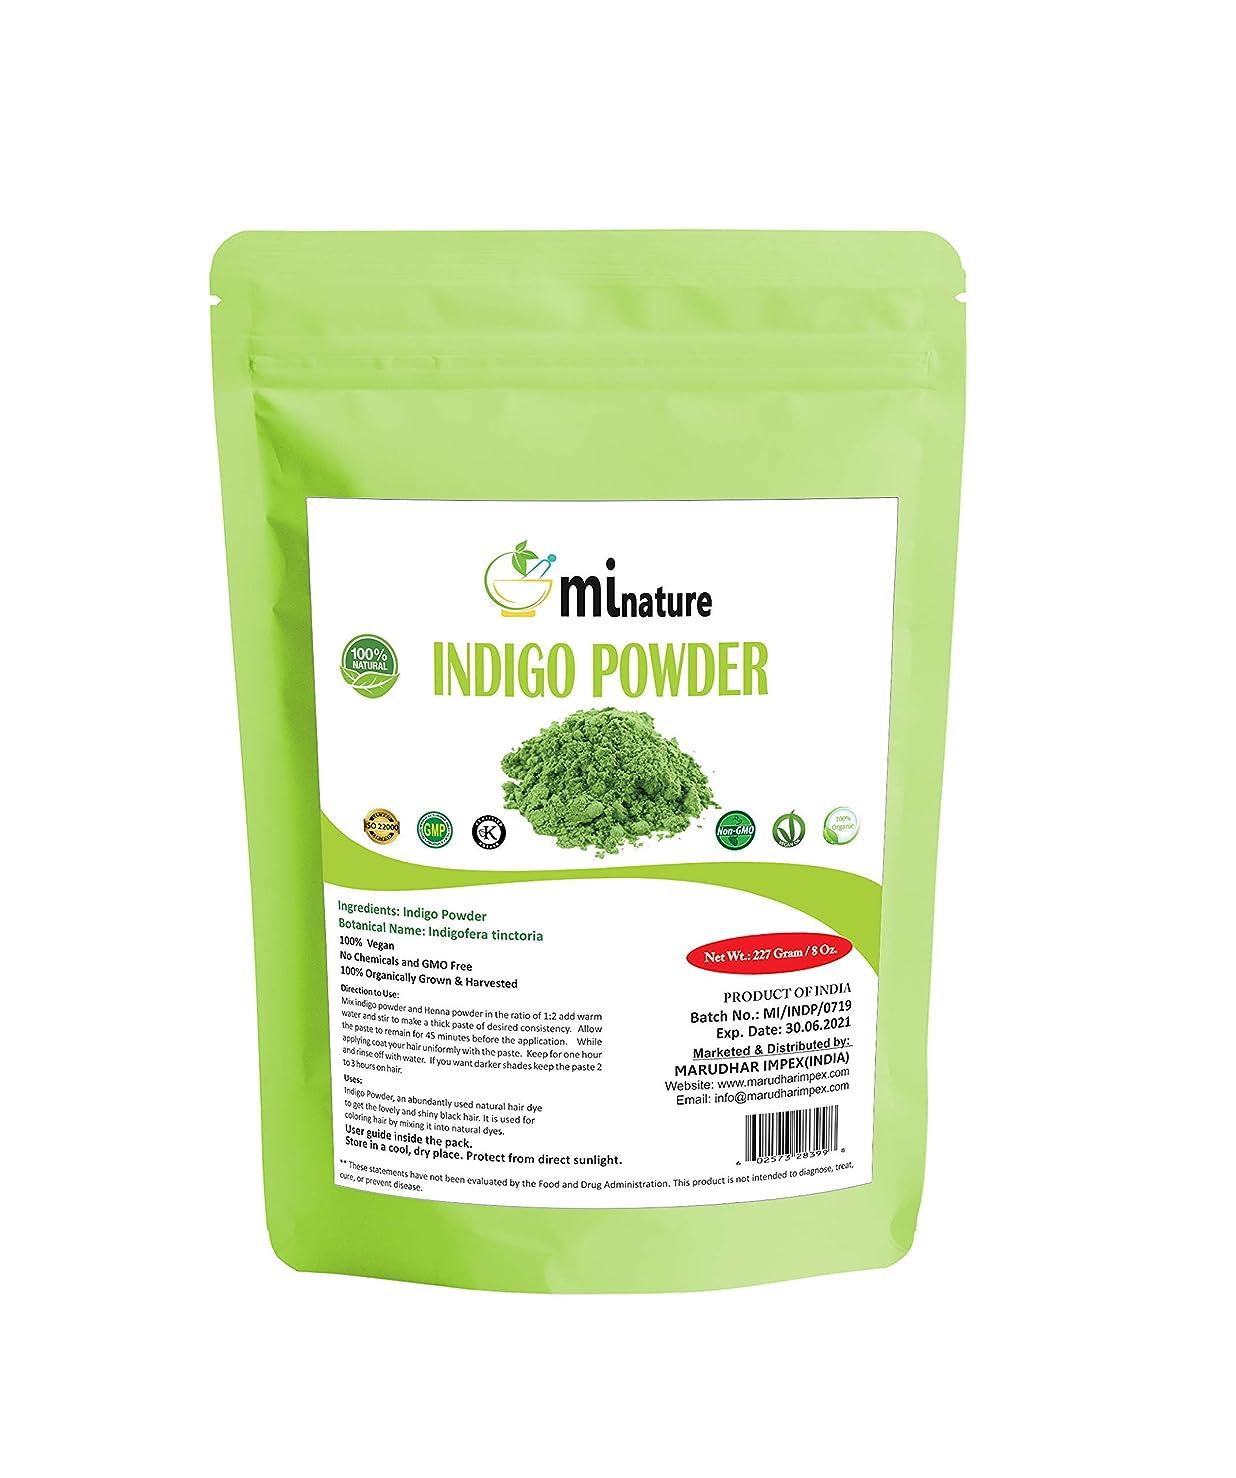 原告最近捧げるmi nature Indigo Powder -INDIGOFERA TINCTORIA ,(100% NATURAL , ORGANICALLY GROWN ) 1/2 LB (227 grams) RESEALABLE BAG